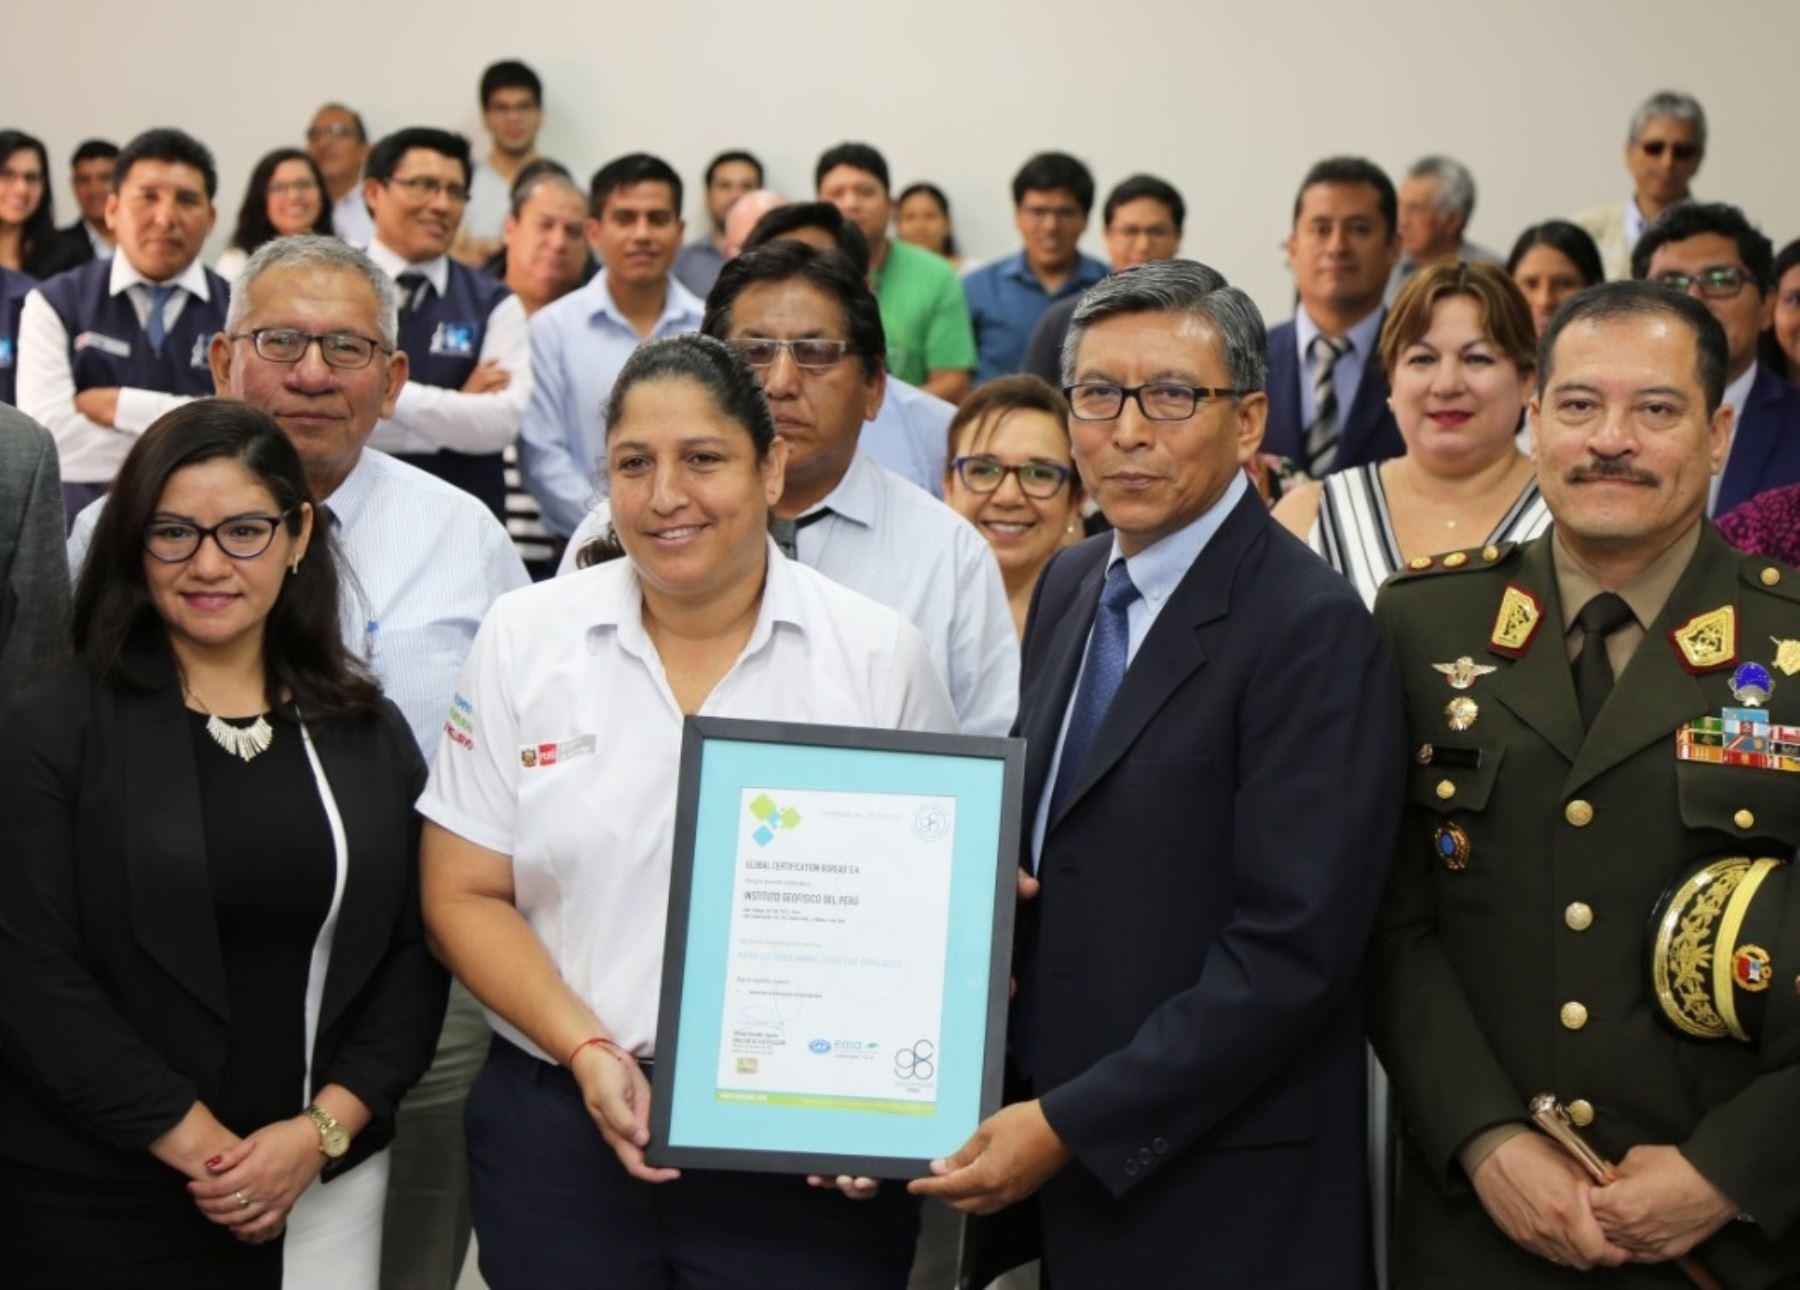 Este reconocimiento coloca al IGP como una entidad científica que brinda información clave al país, antes de que ocurran posibles sismos.